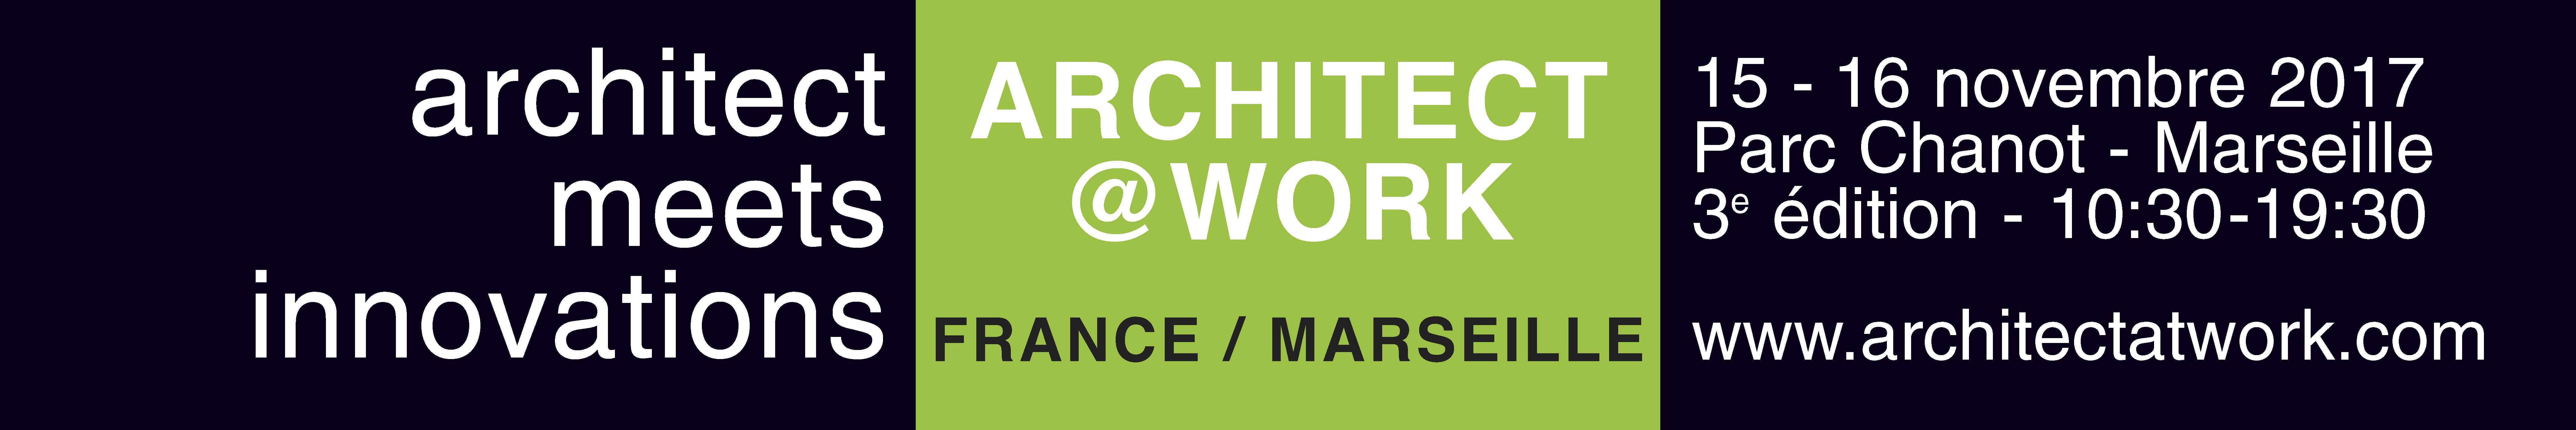 Architect@Work Marseille 2017